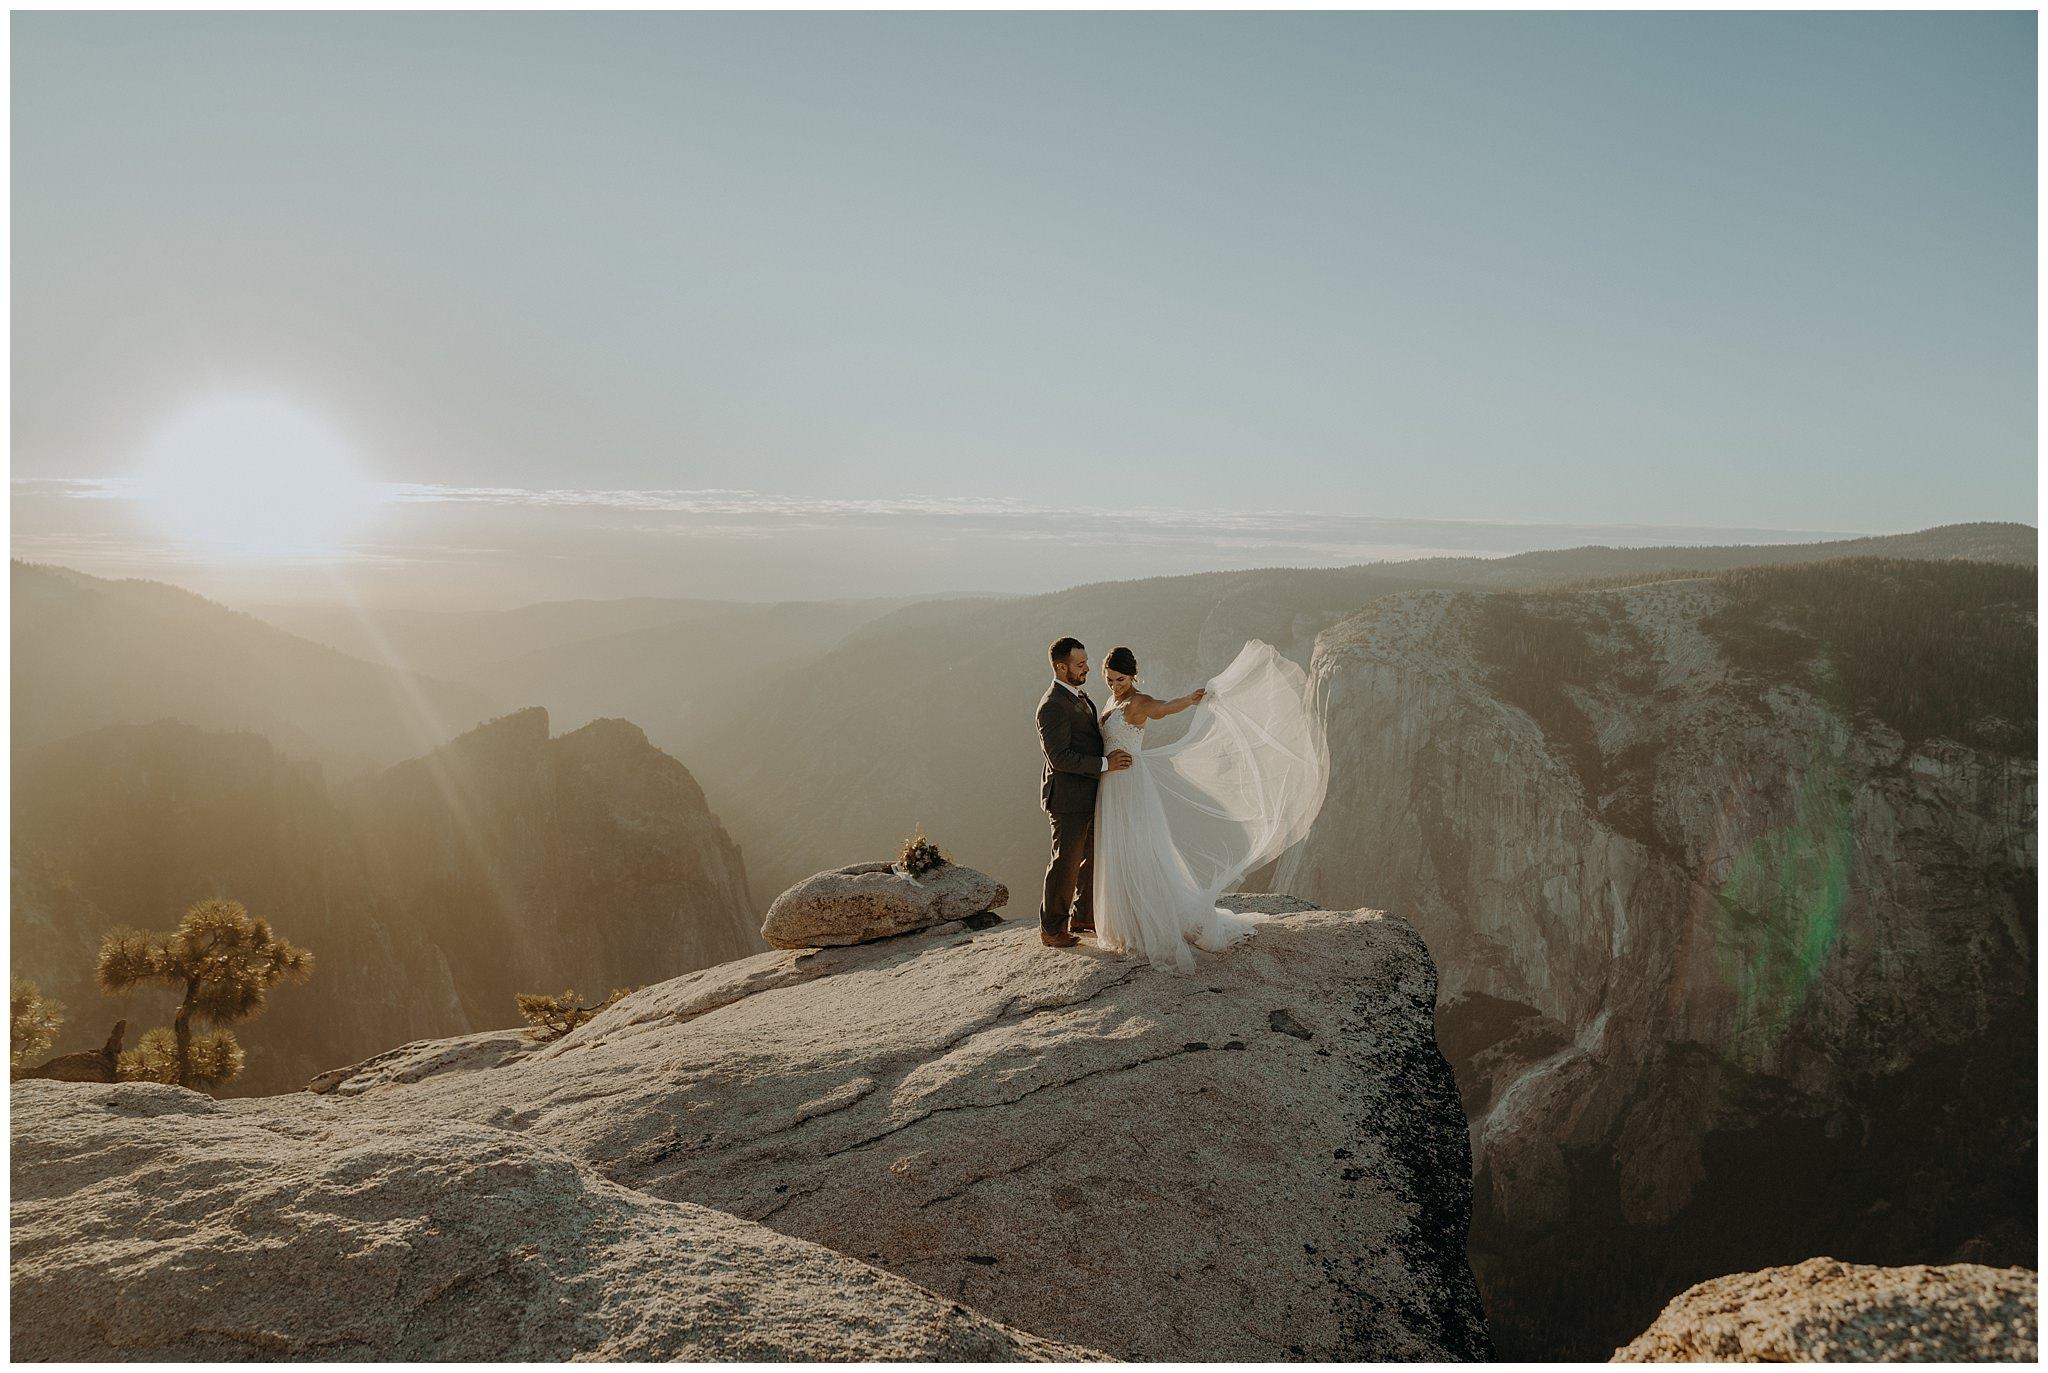 yosemite-elopement-photographer2.jpg